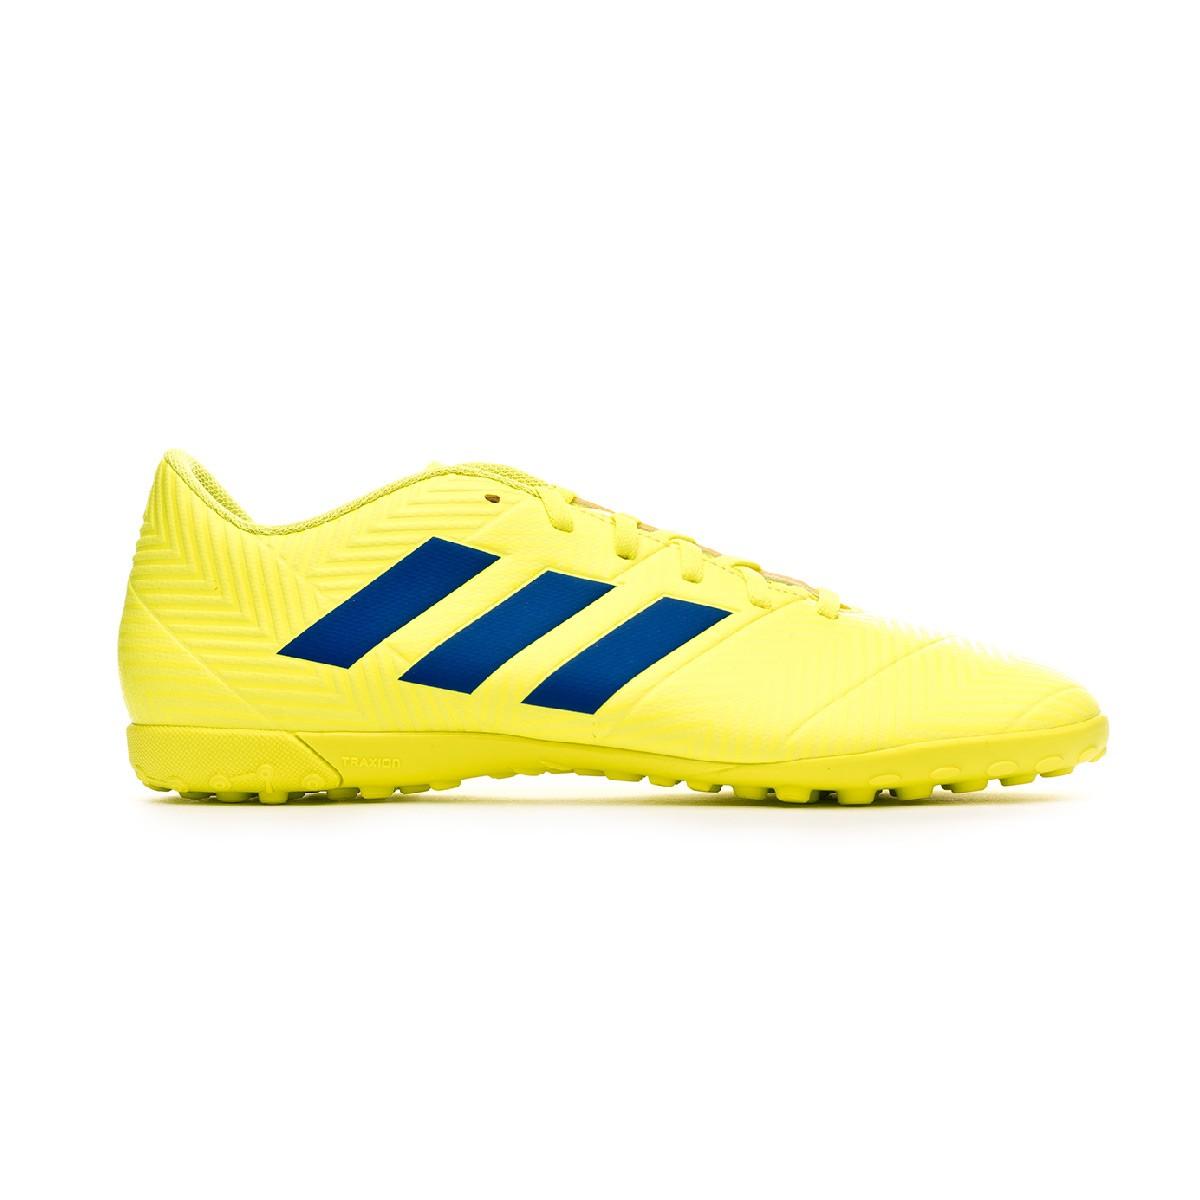 Zapatilla adidas Nemeziz Tango 18.4 Turf Solar yellow